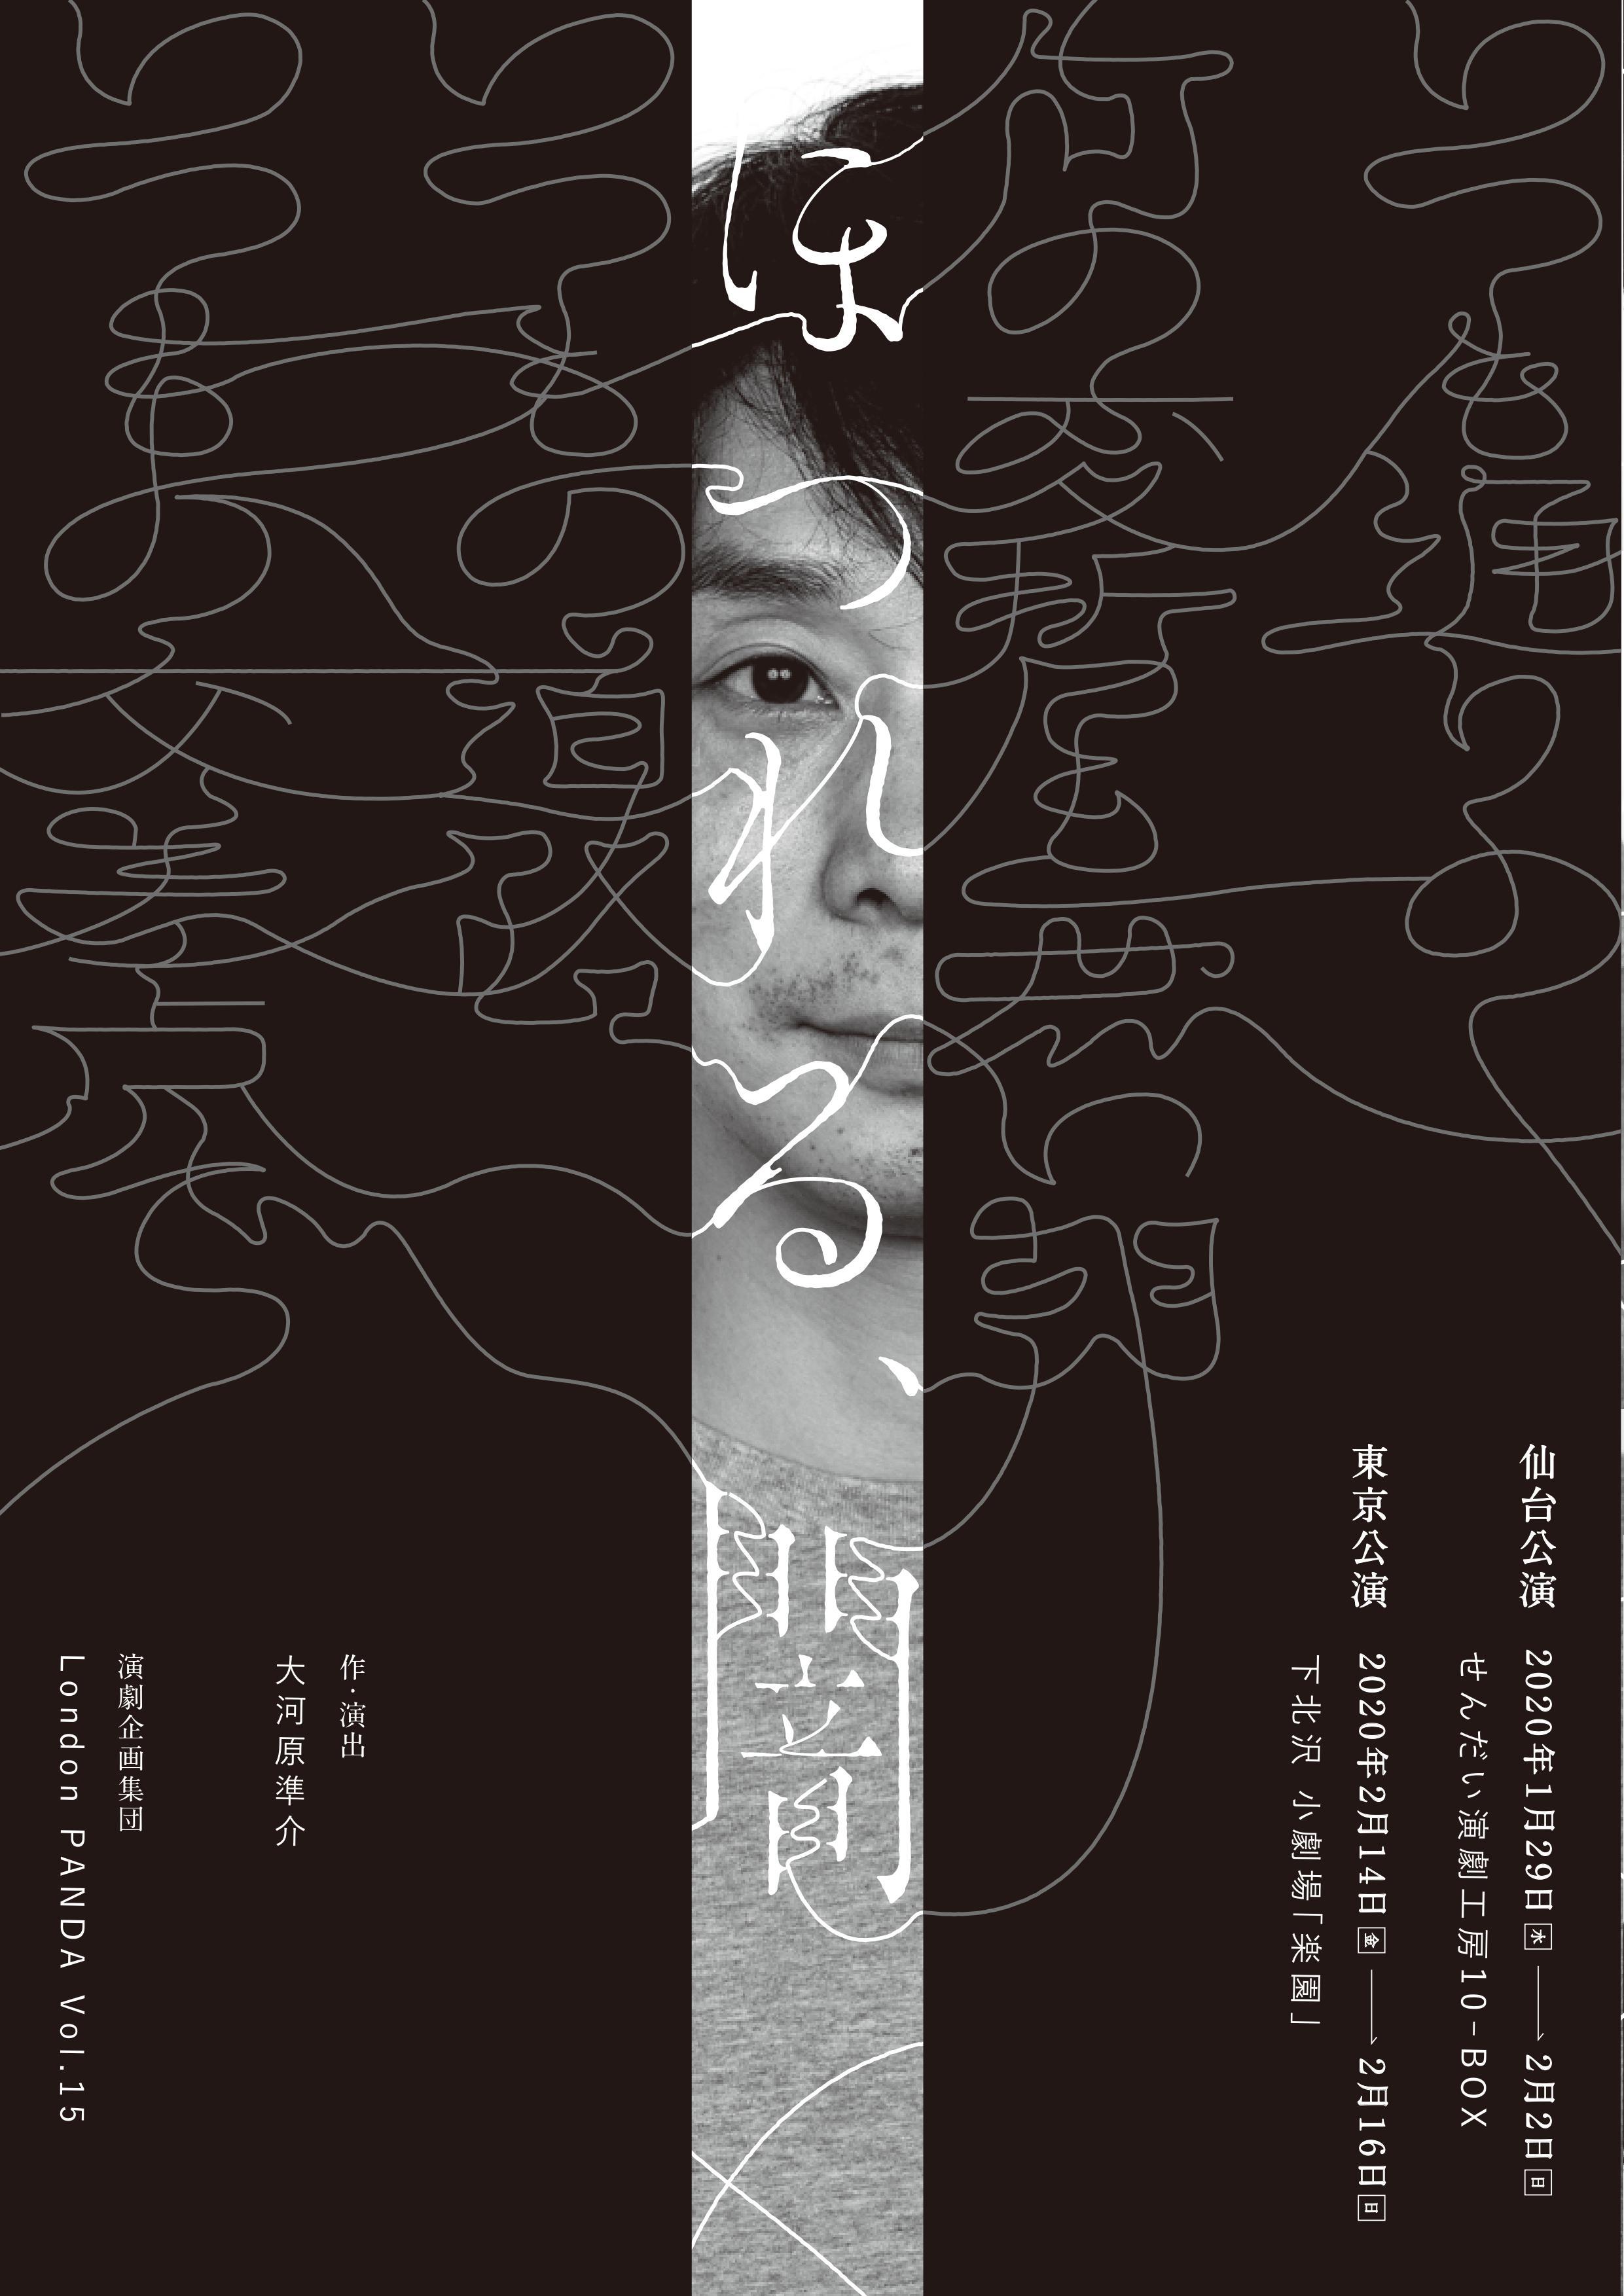 [仙台]2/2(日)18時|演劇企画集団LondonPANDA『ほつれる、闇』